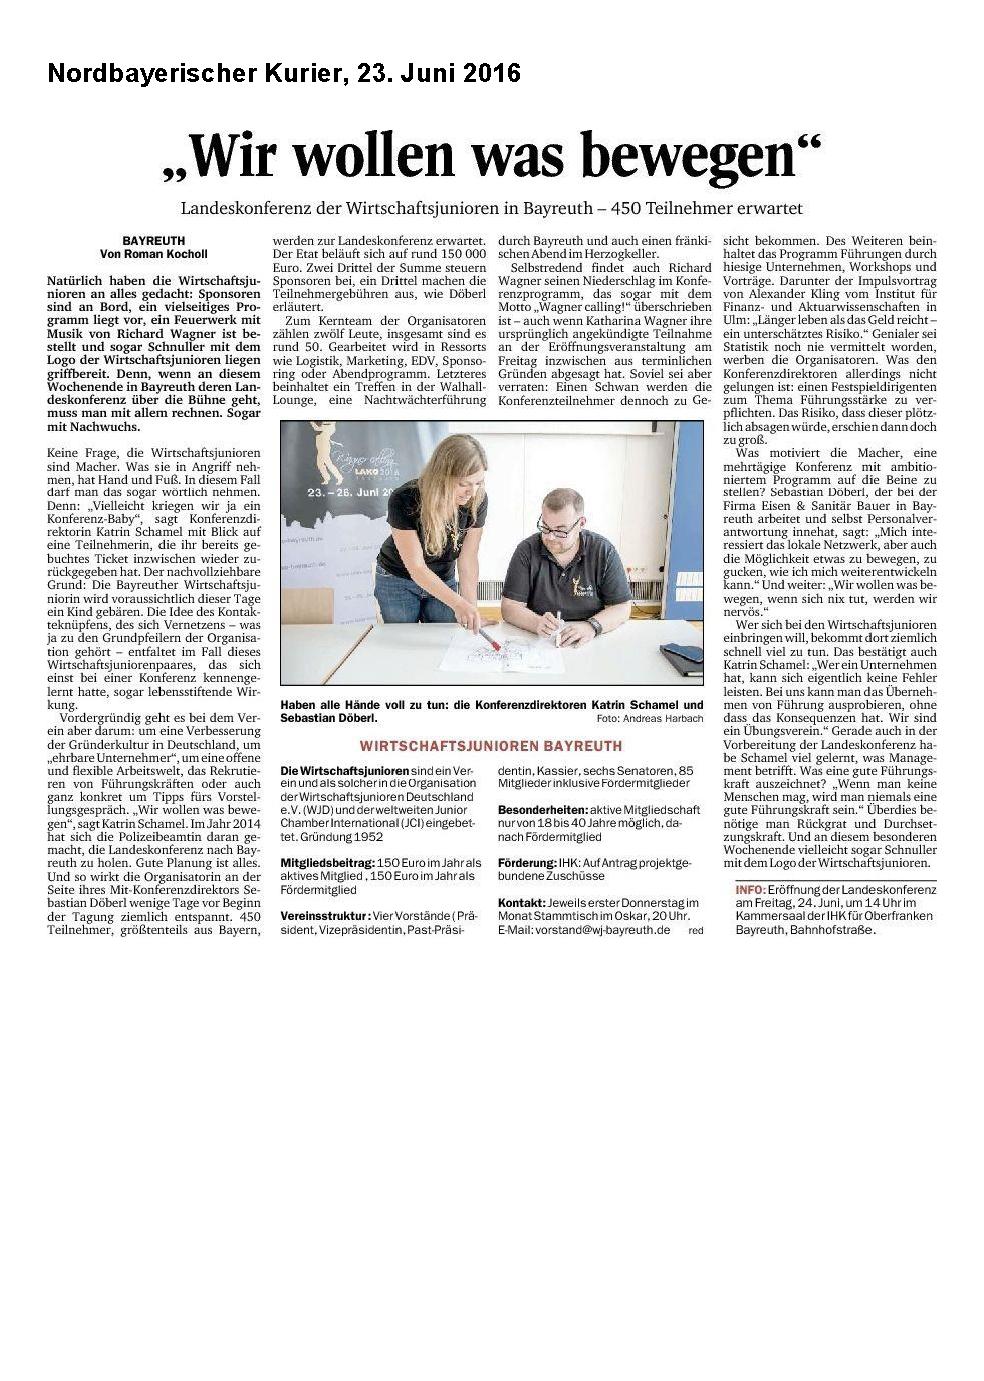 Nordbayerischer Kurier: Wir wollen was bewegen - LAKO 2016